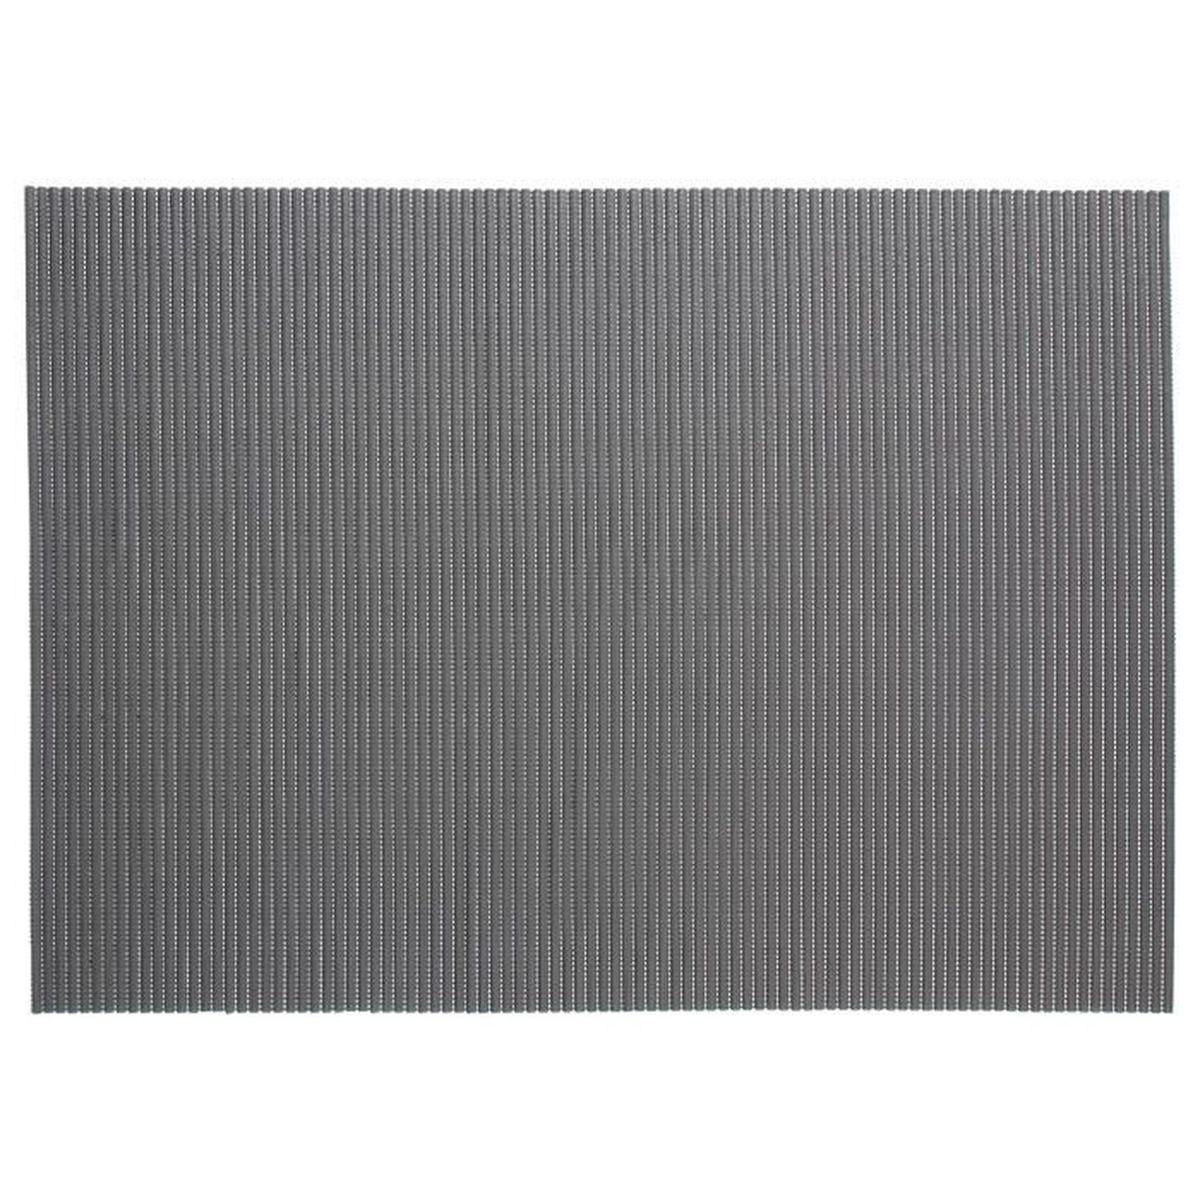 Tapis de salle de bain 65 x 90 cm gris achat for Tapis de salle de bain gris